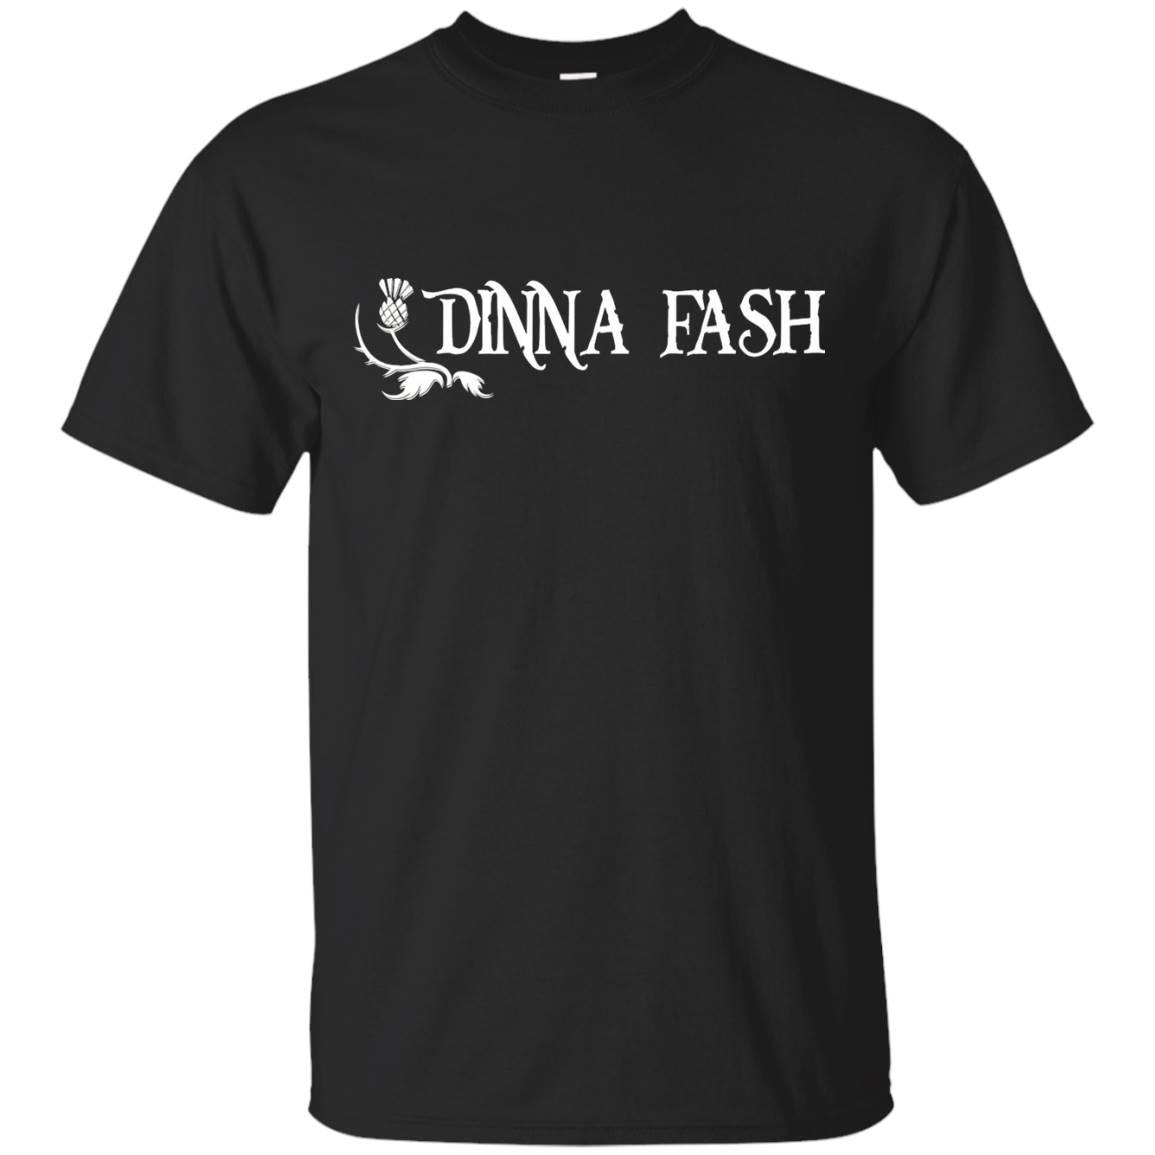 Dinna fash (GK) T-Shirt